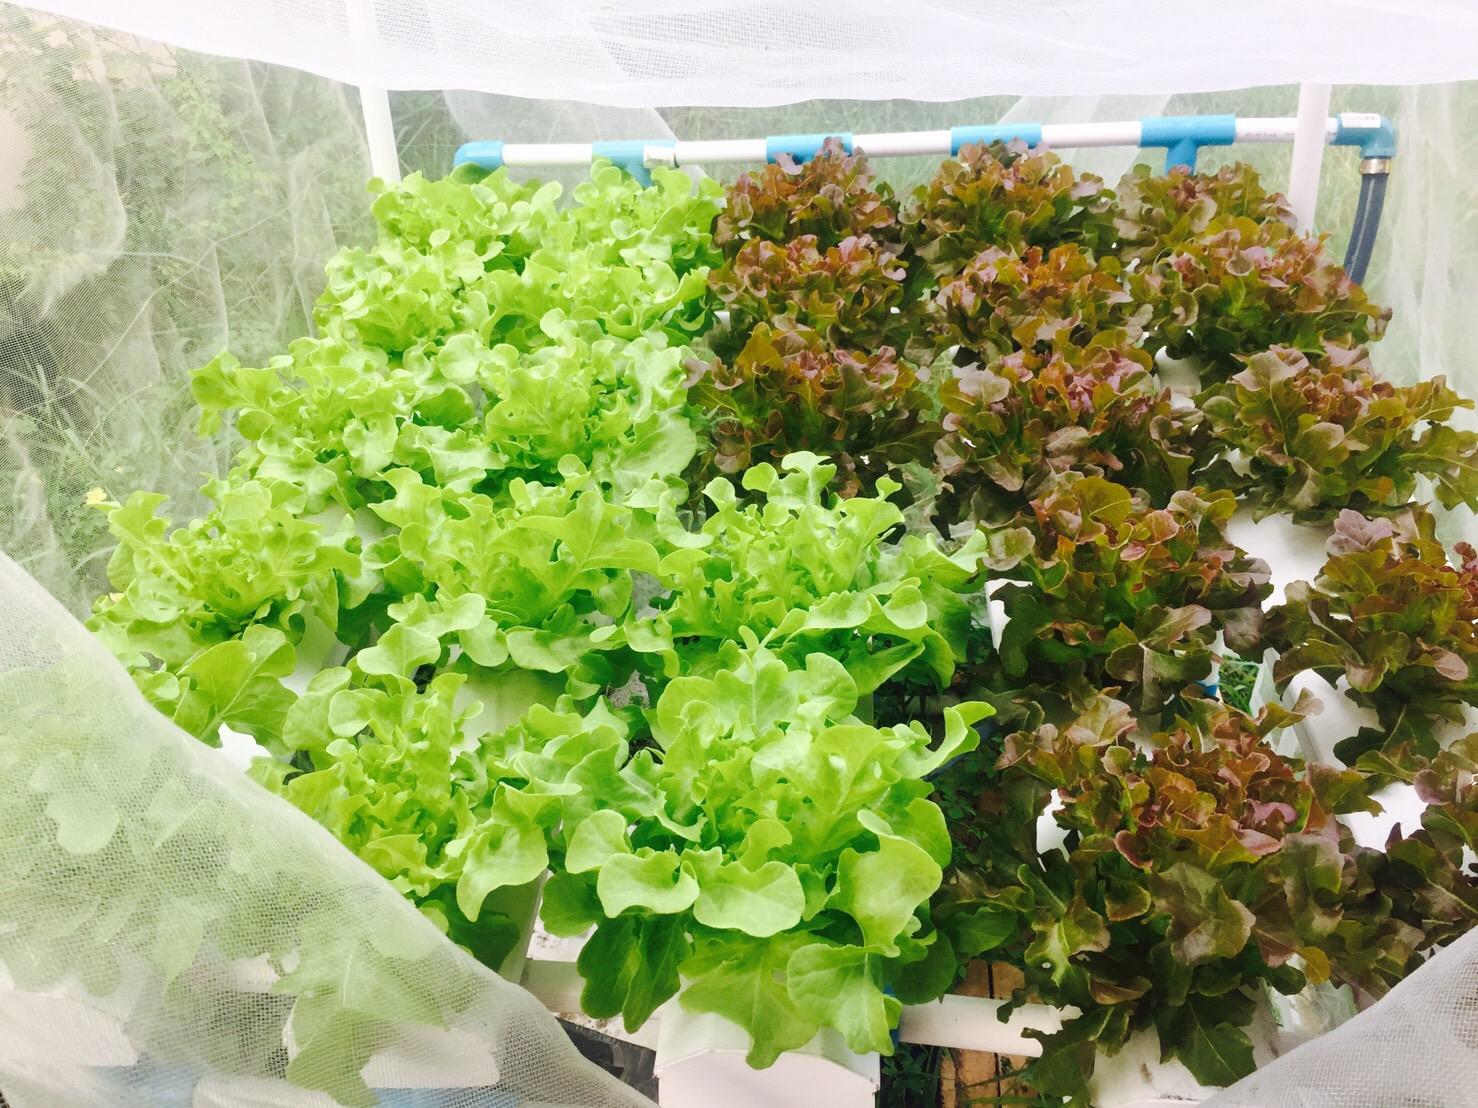 ชุดปลูกผักไฮโดรโปนิกส์ (hydroponics set)25 ช่องปลูก